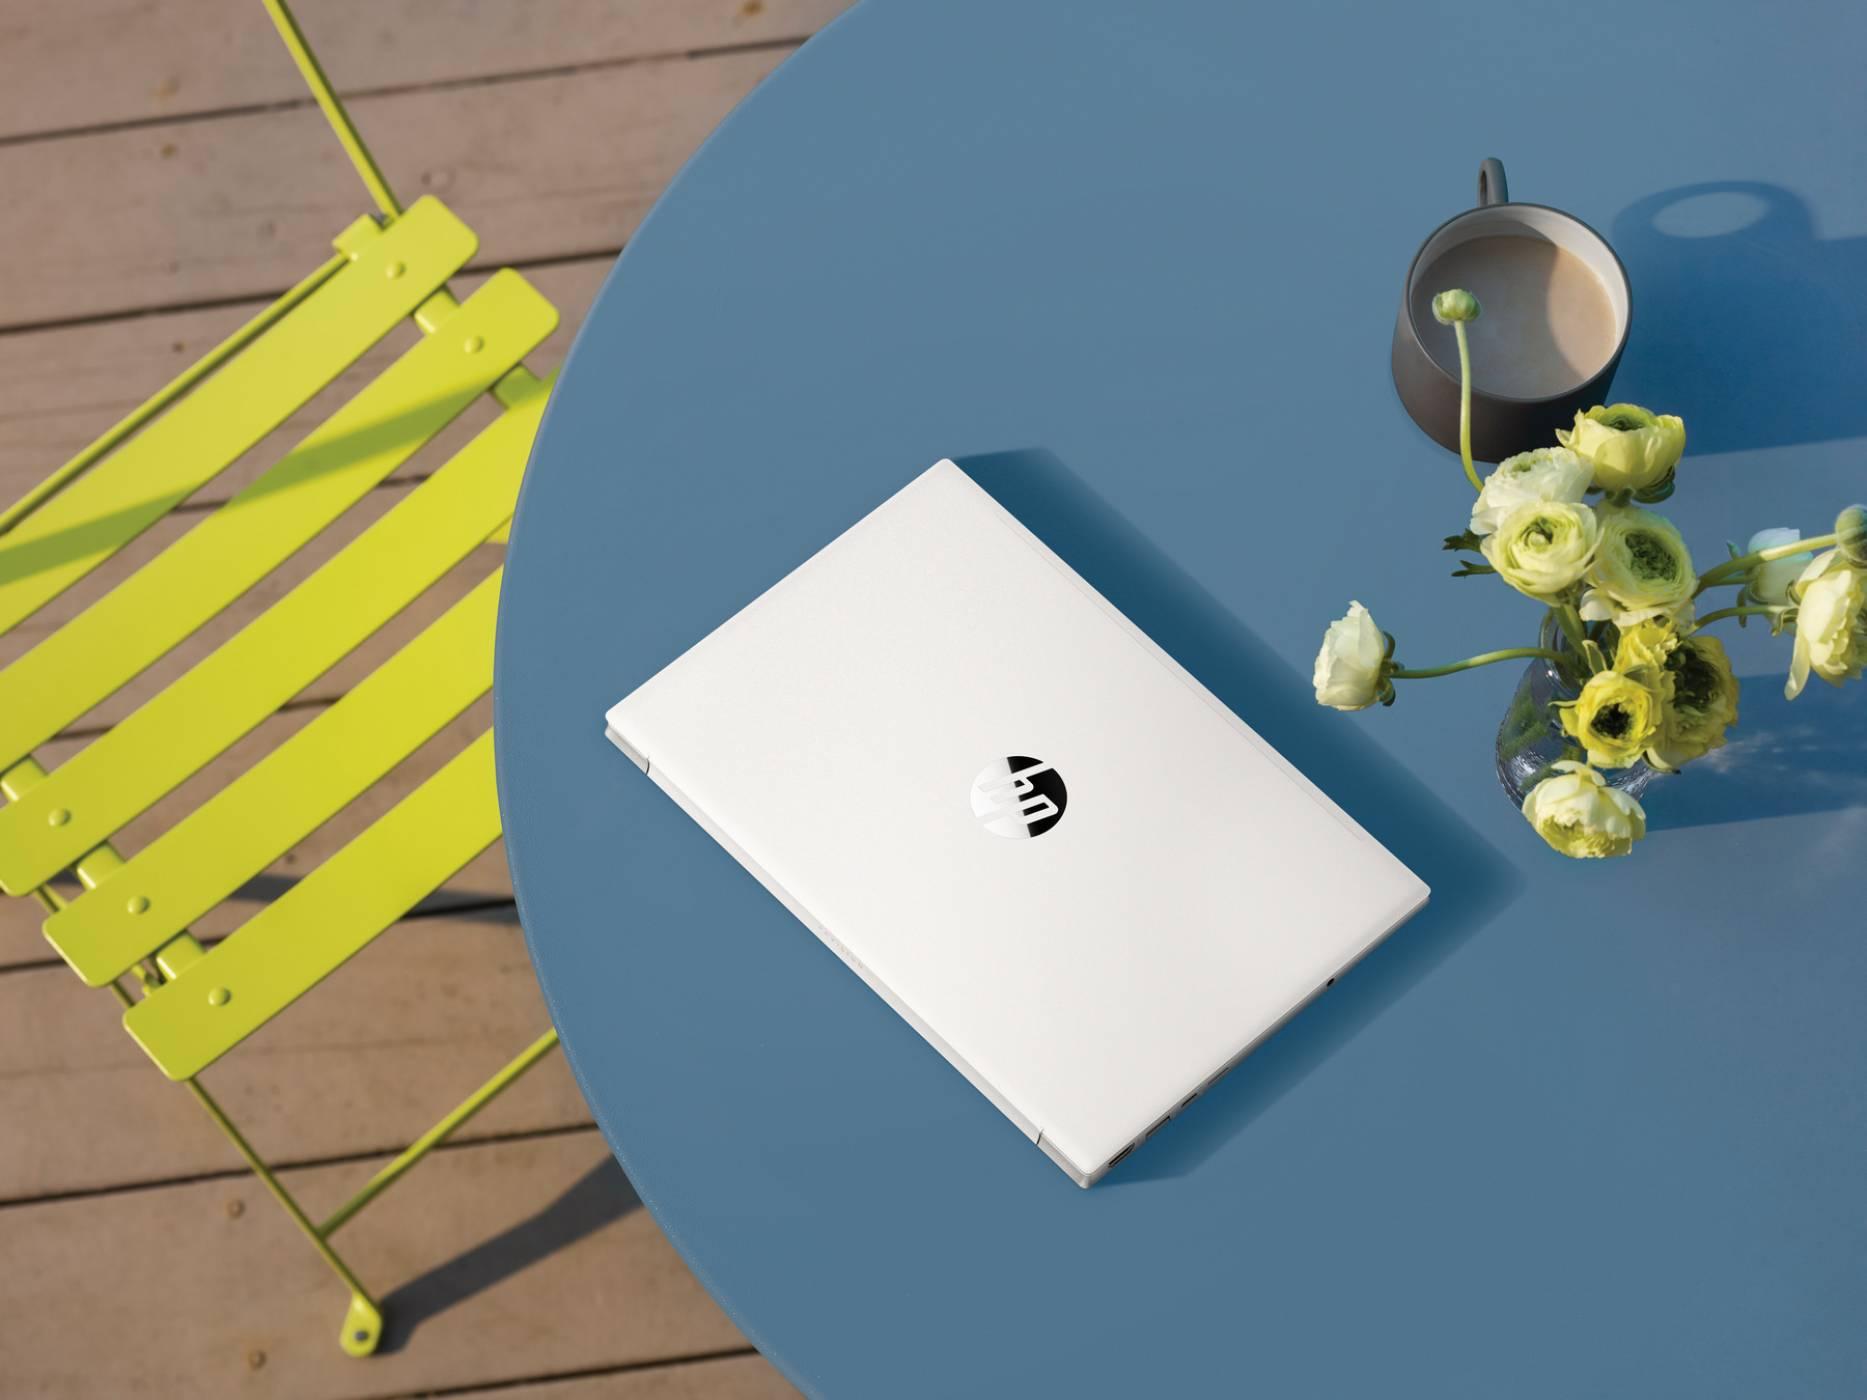 Новите лаптопи на HP са създадени от рециклирана пластмаса, предназначена за изхвърляне в океана